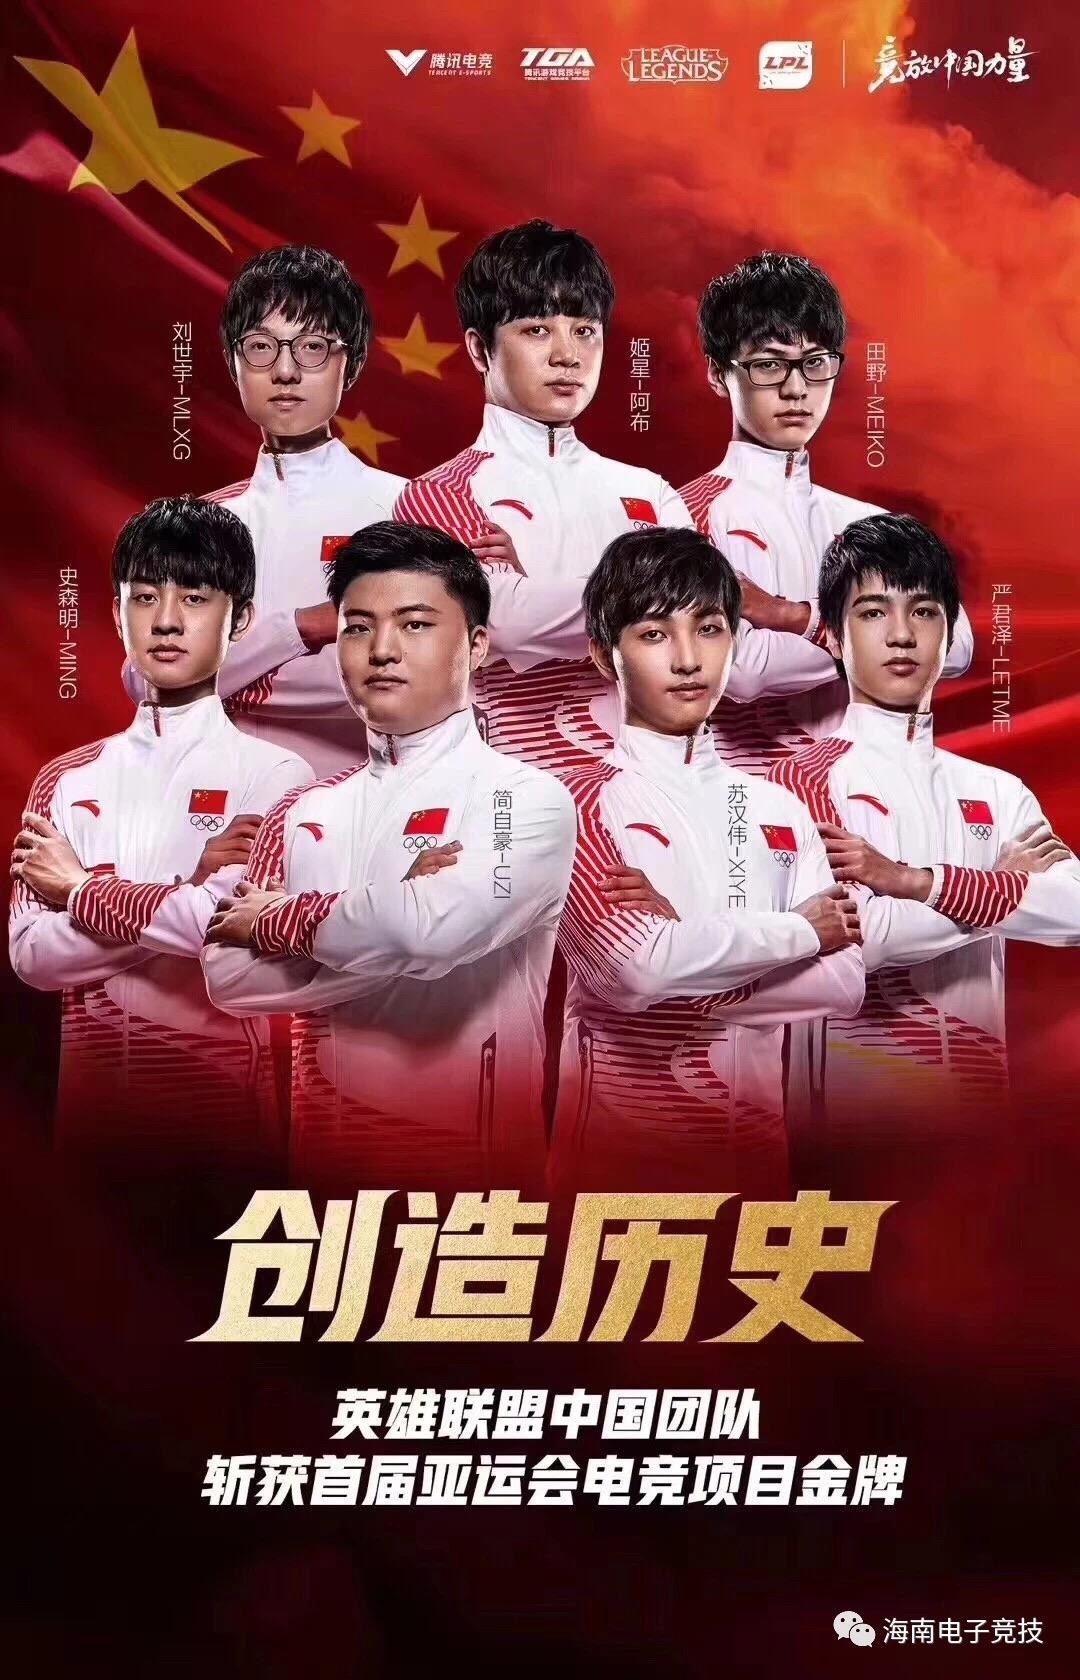 【亚运会】海南籍电子竞技选手首获亚运电子竞技项目金牌